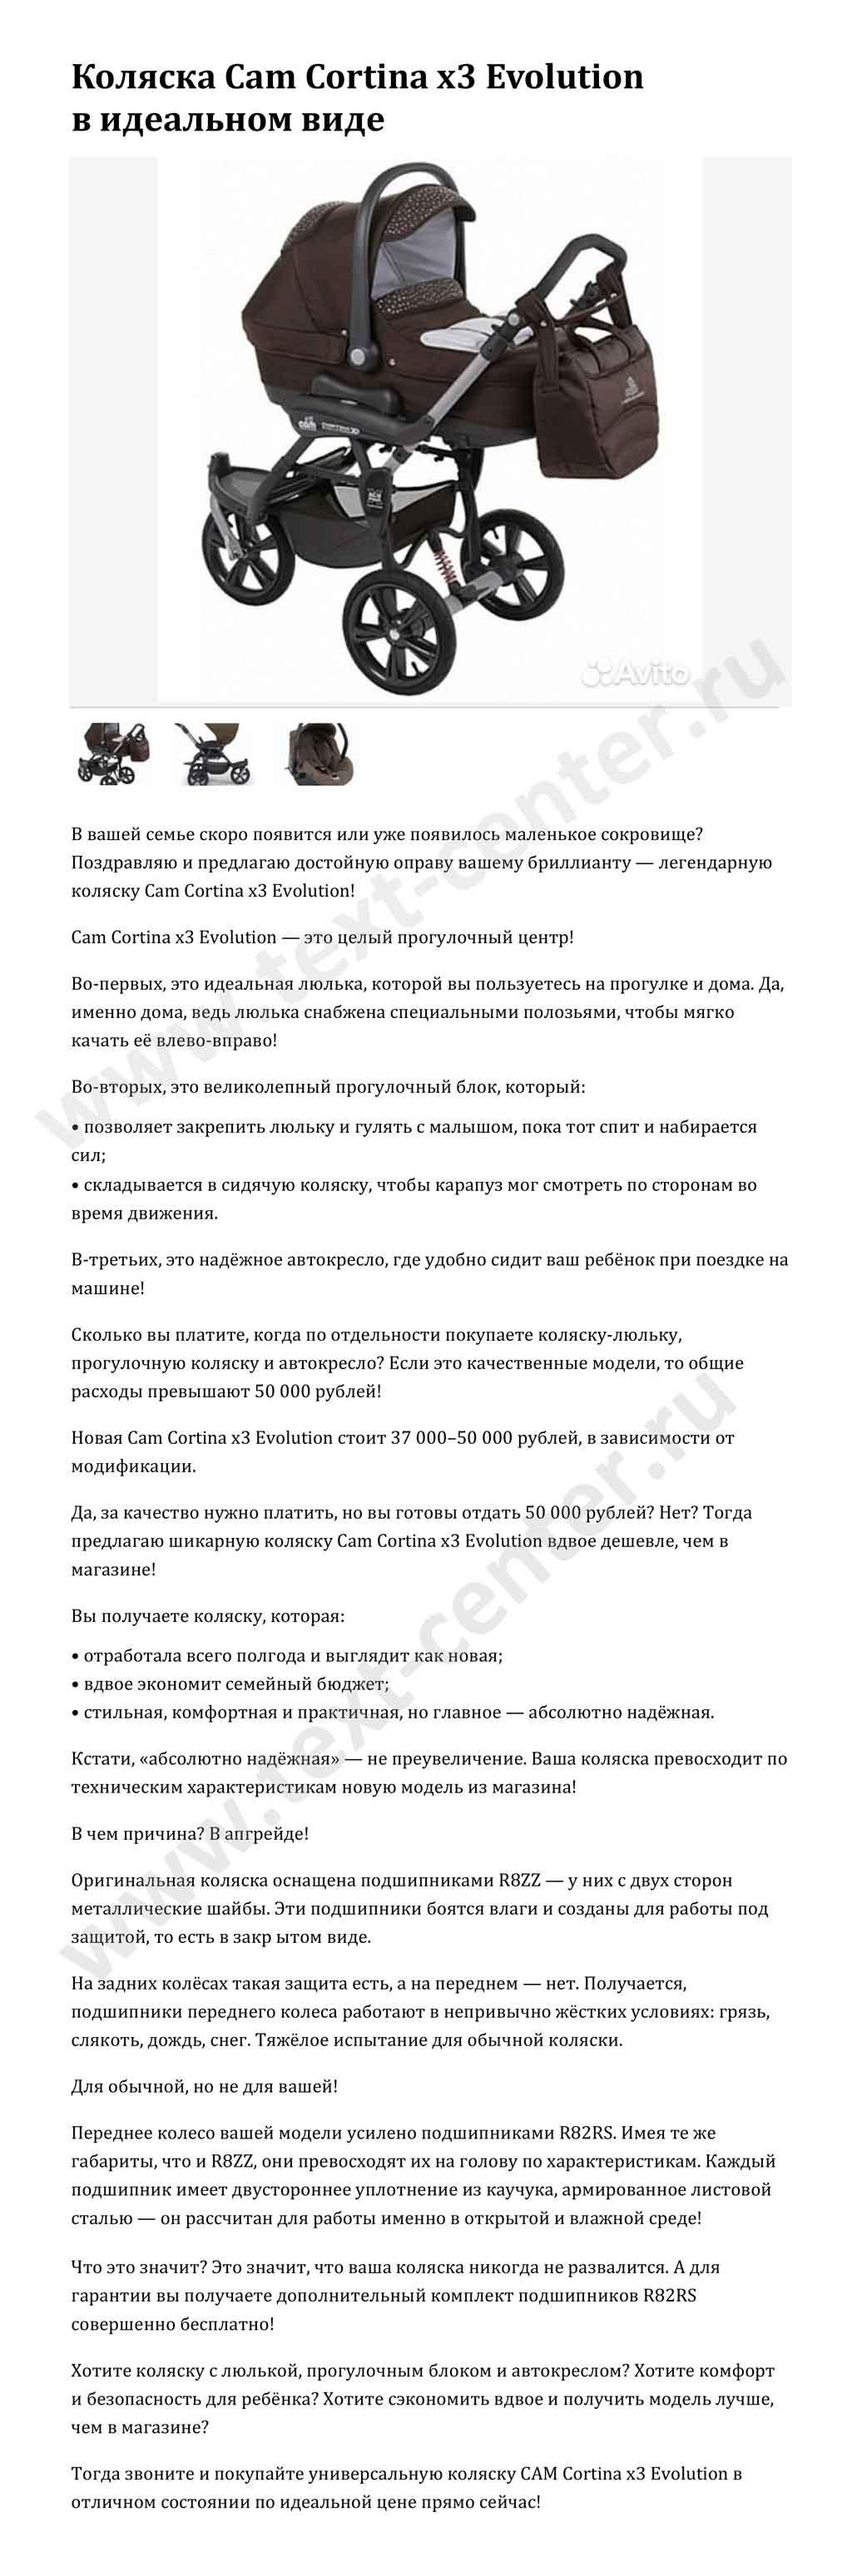 Продающее объявление на Avito: продажа коляски Cam Cortina